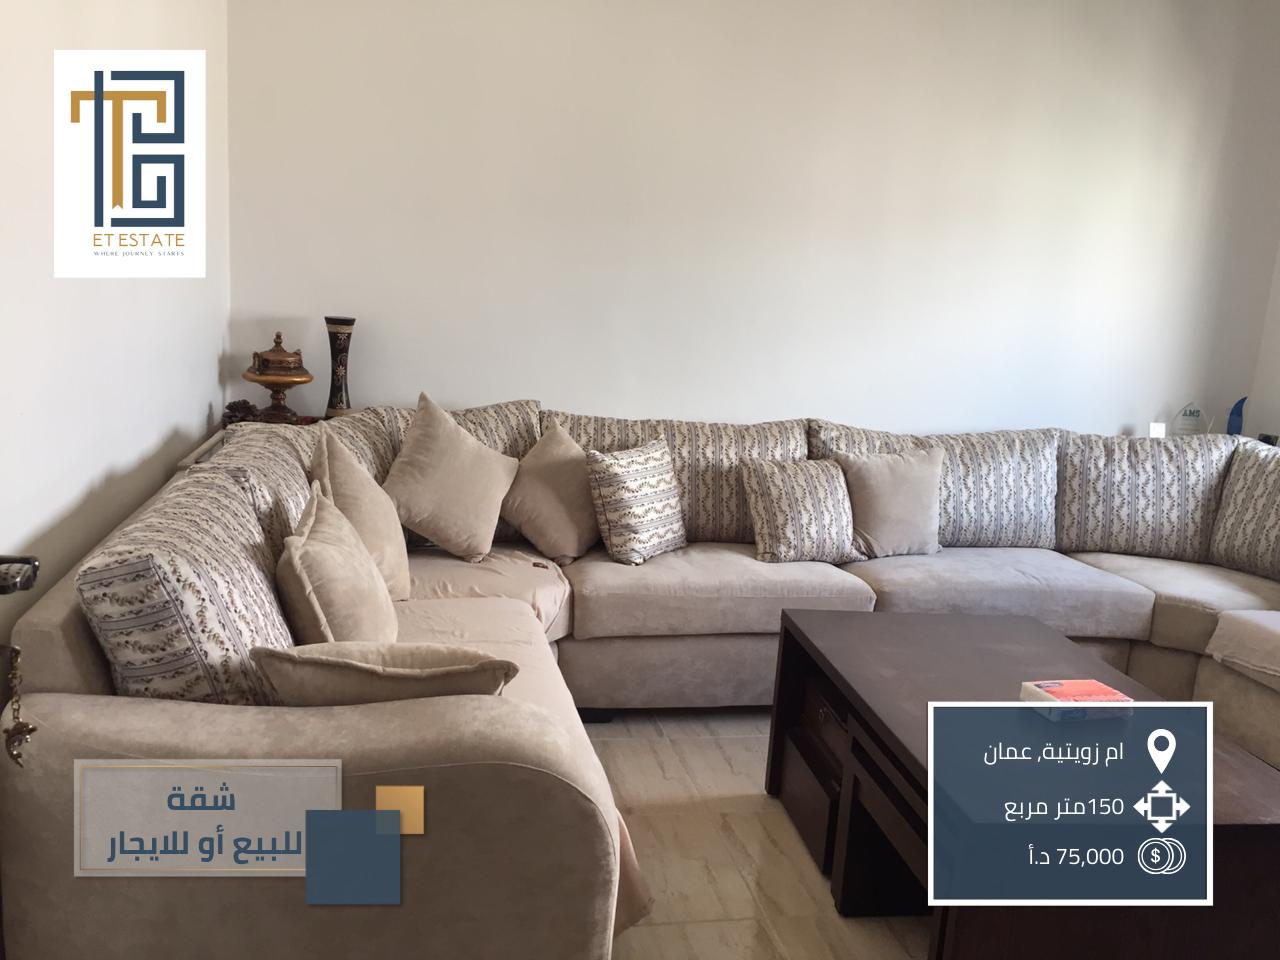 شقة للبيع أو للايجار في أم زويتينة عمان